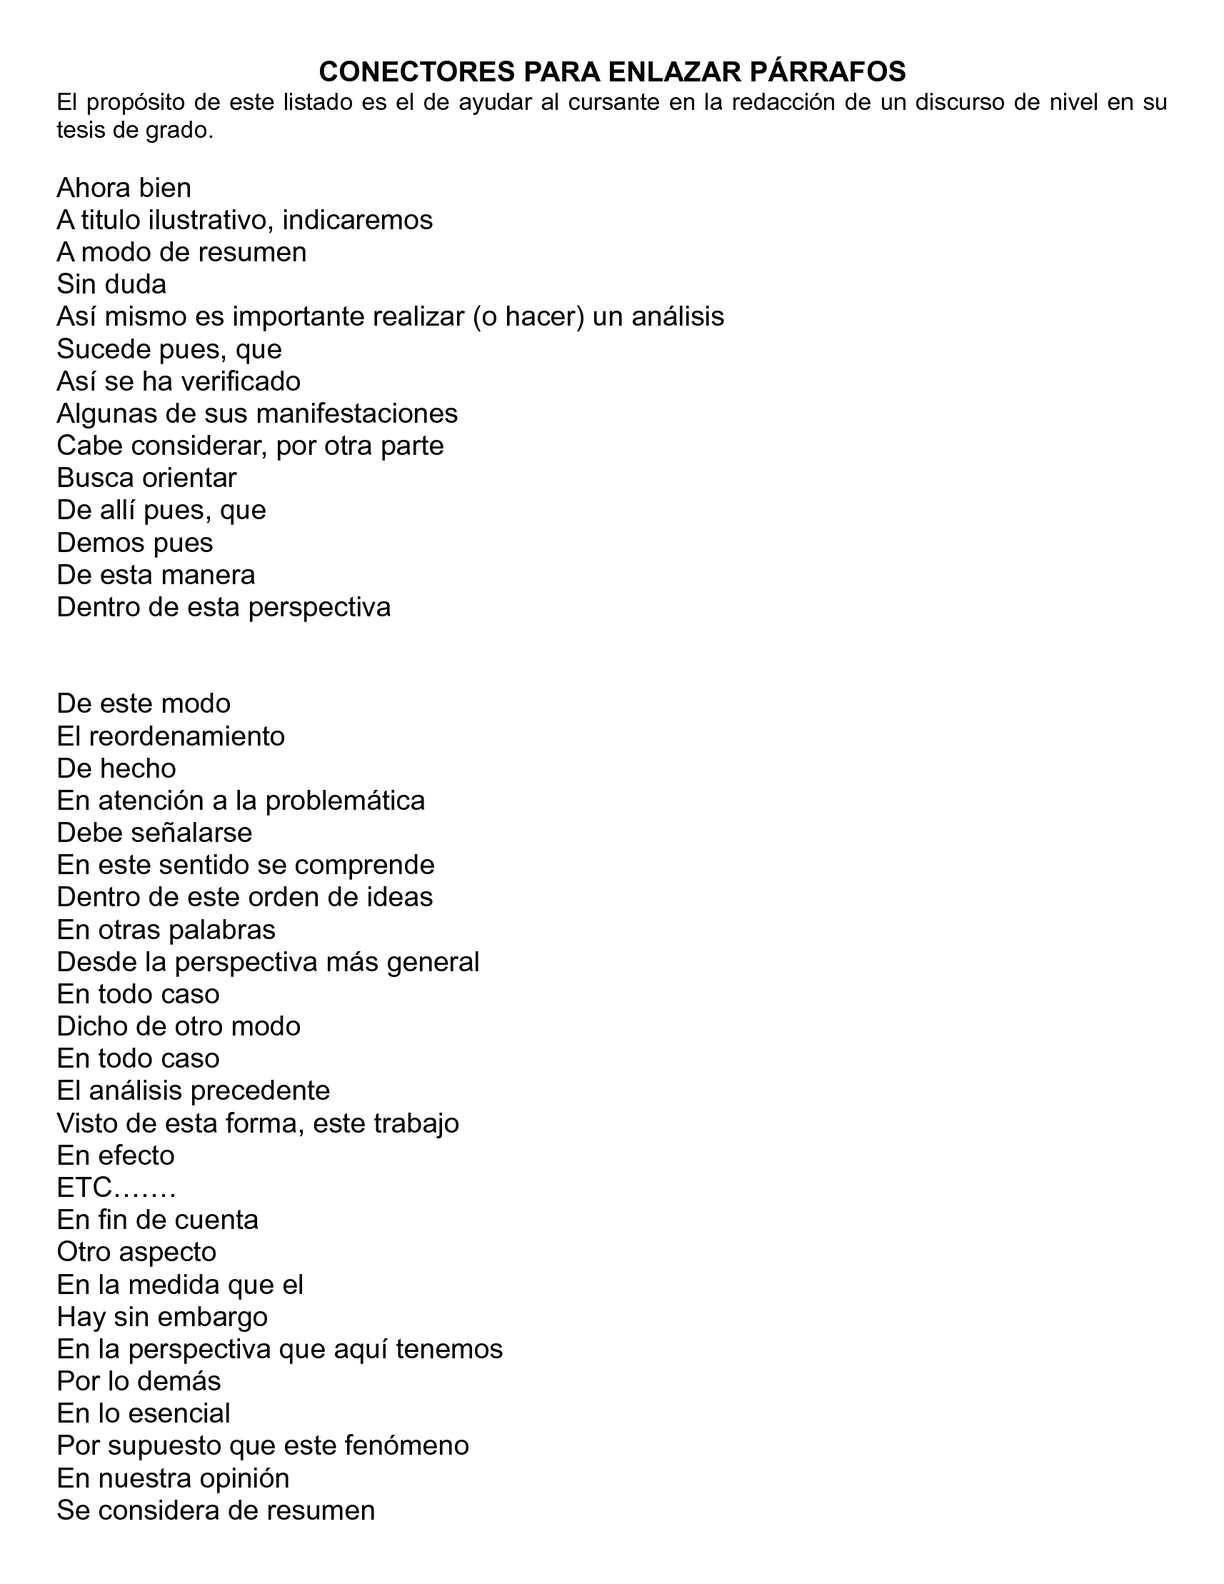 Calaméo - CONECTORES PARA ENLAZAR